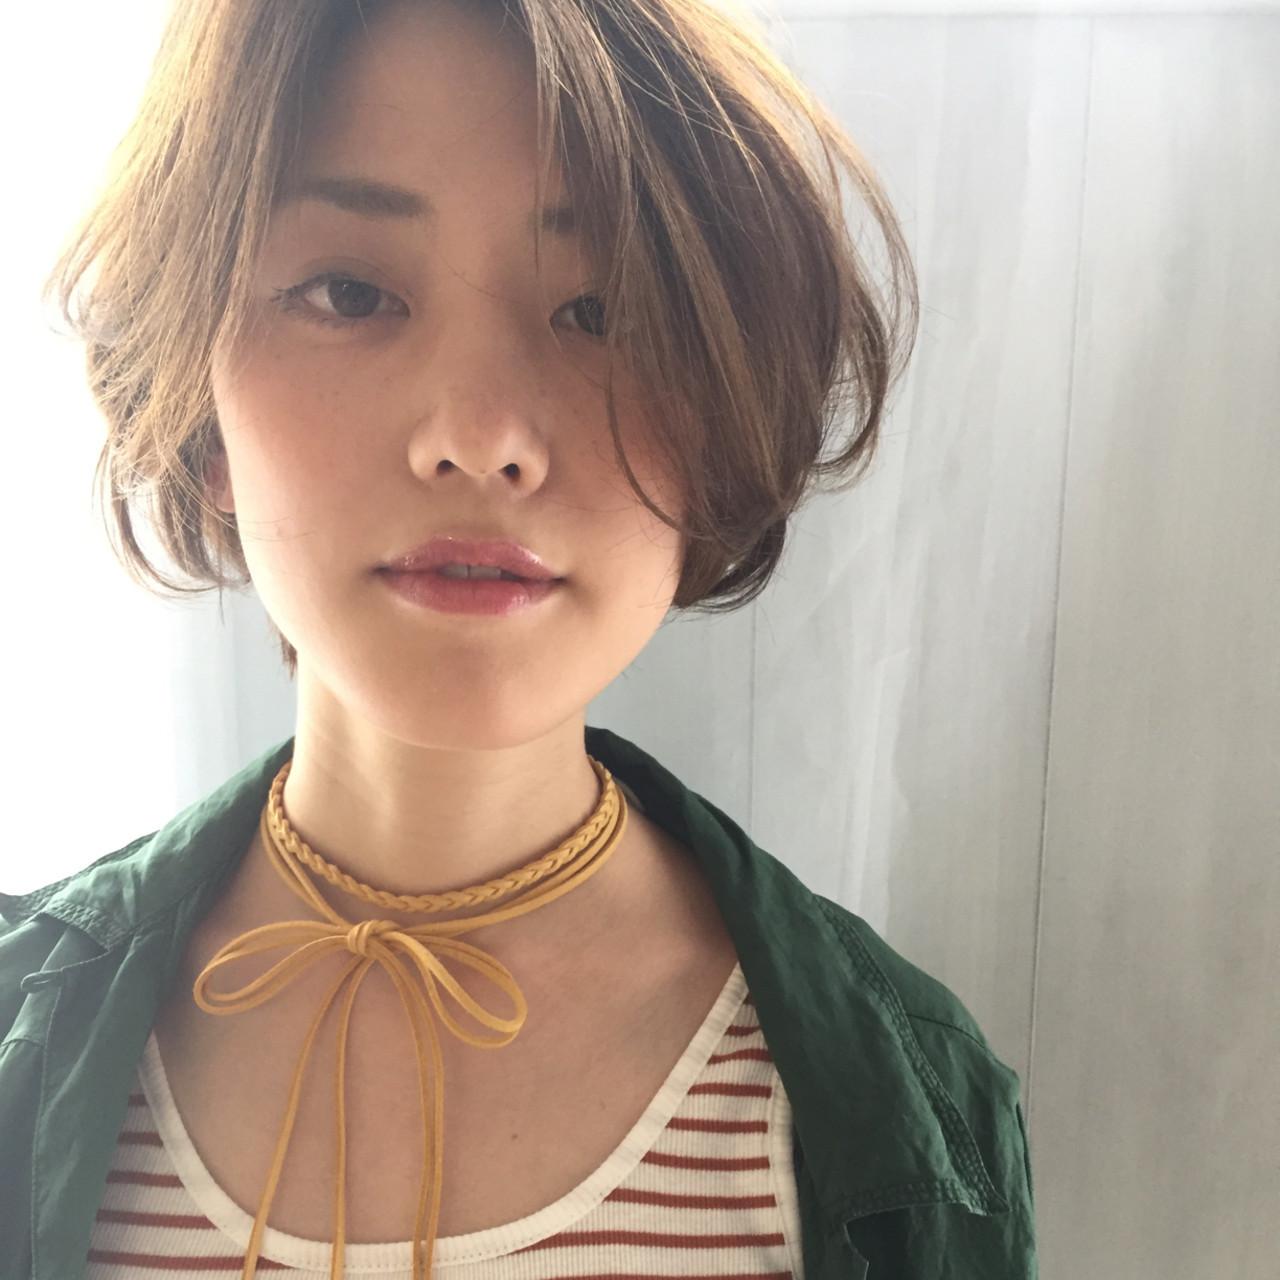 ナチュラルベージュ 前髪アレンジ ヌーディーベージュ 前髪 ヘアスタイルや髪型の写真・画像